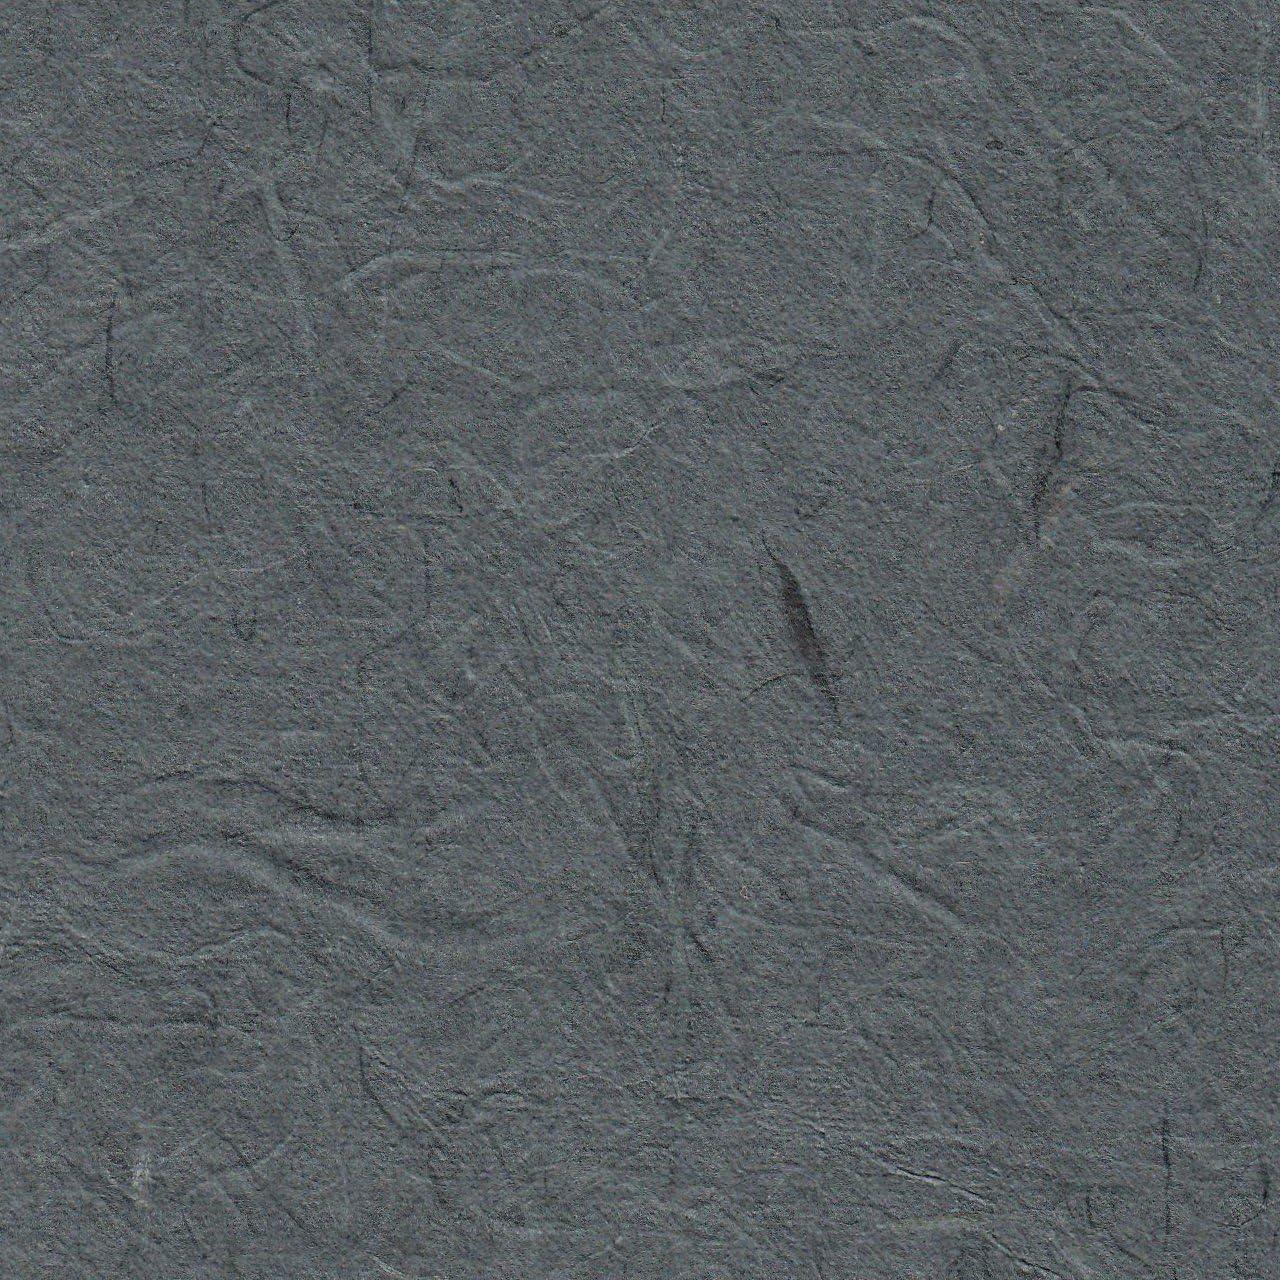 Bianco Carta di gelso Copertura A5 Pink Pig Sketchbook